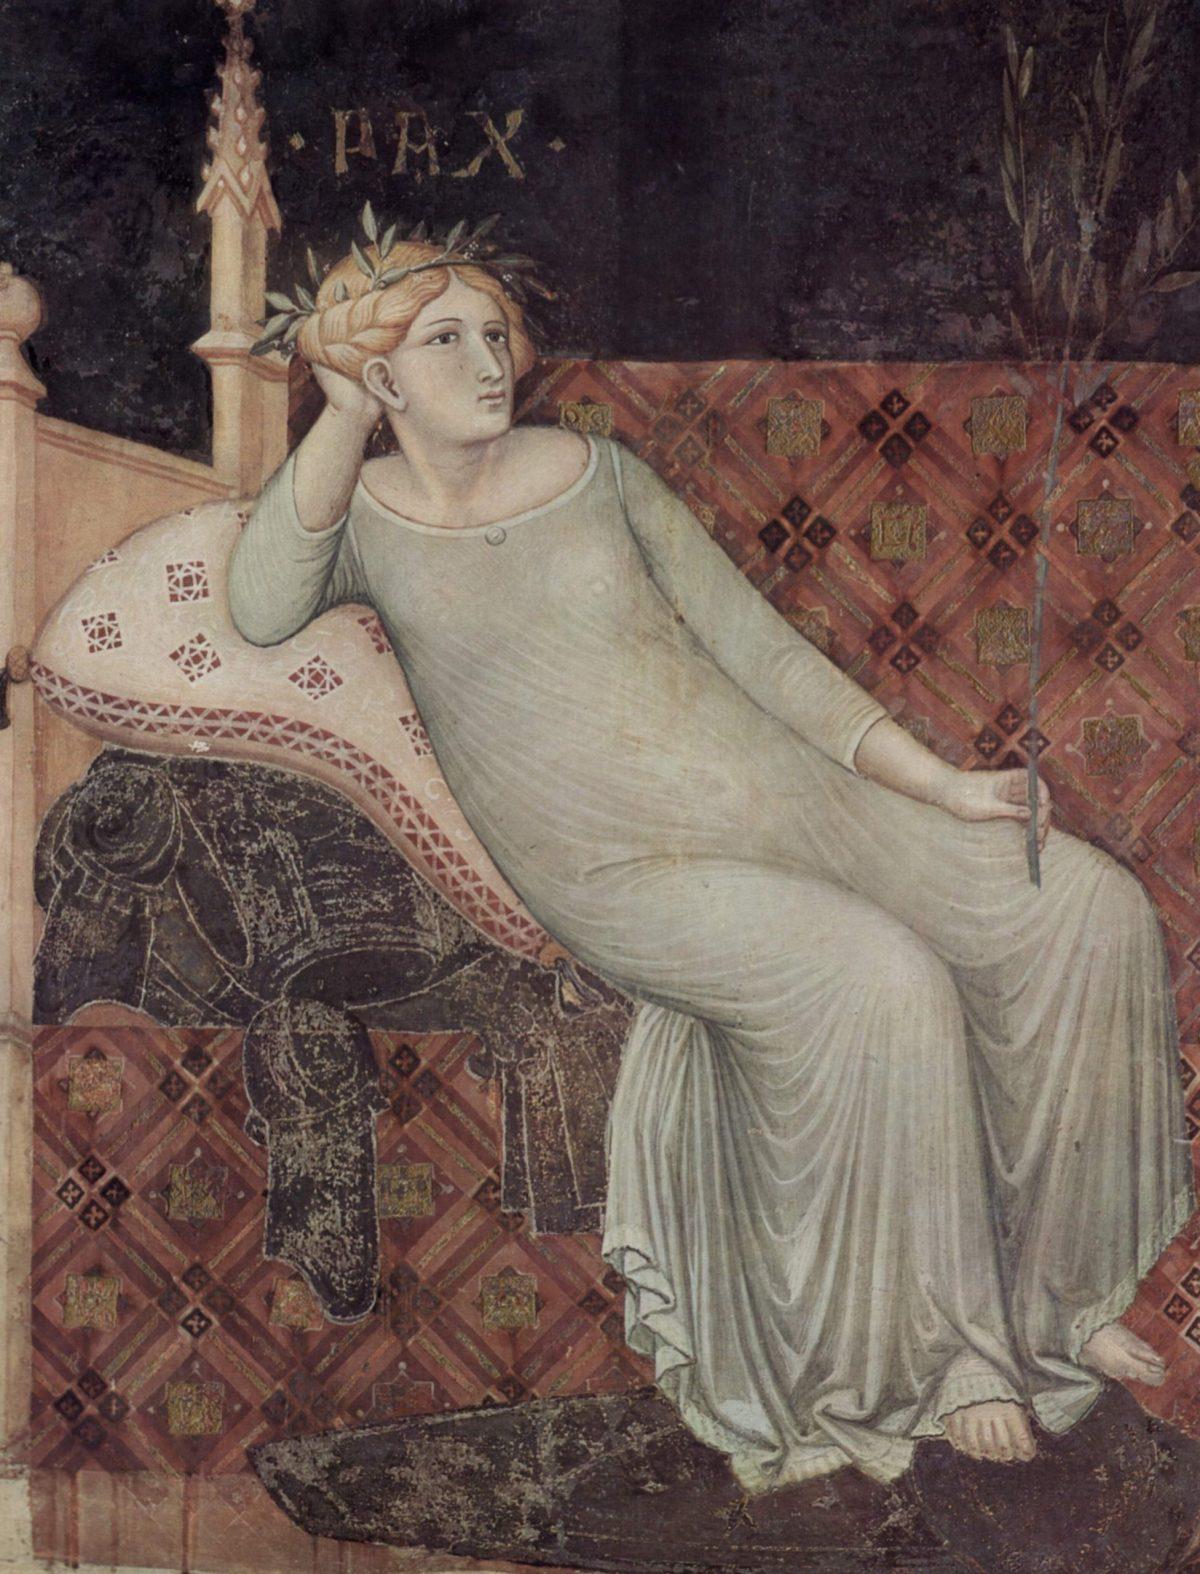 La Pace dipinta da Ambrogio Lorenzetti fra il 1338 e il 1339 nell'affresco del Buon Governo nel Palazzo Pubblico di Siena